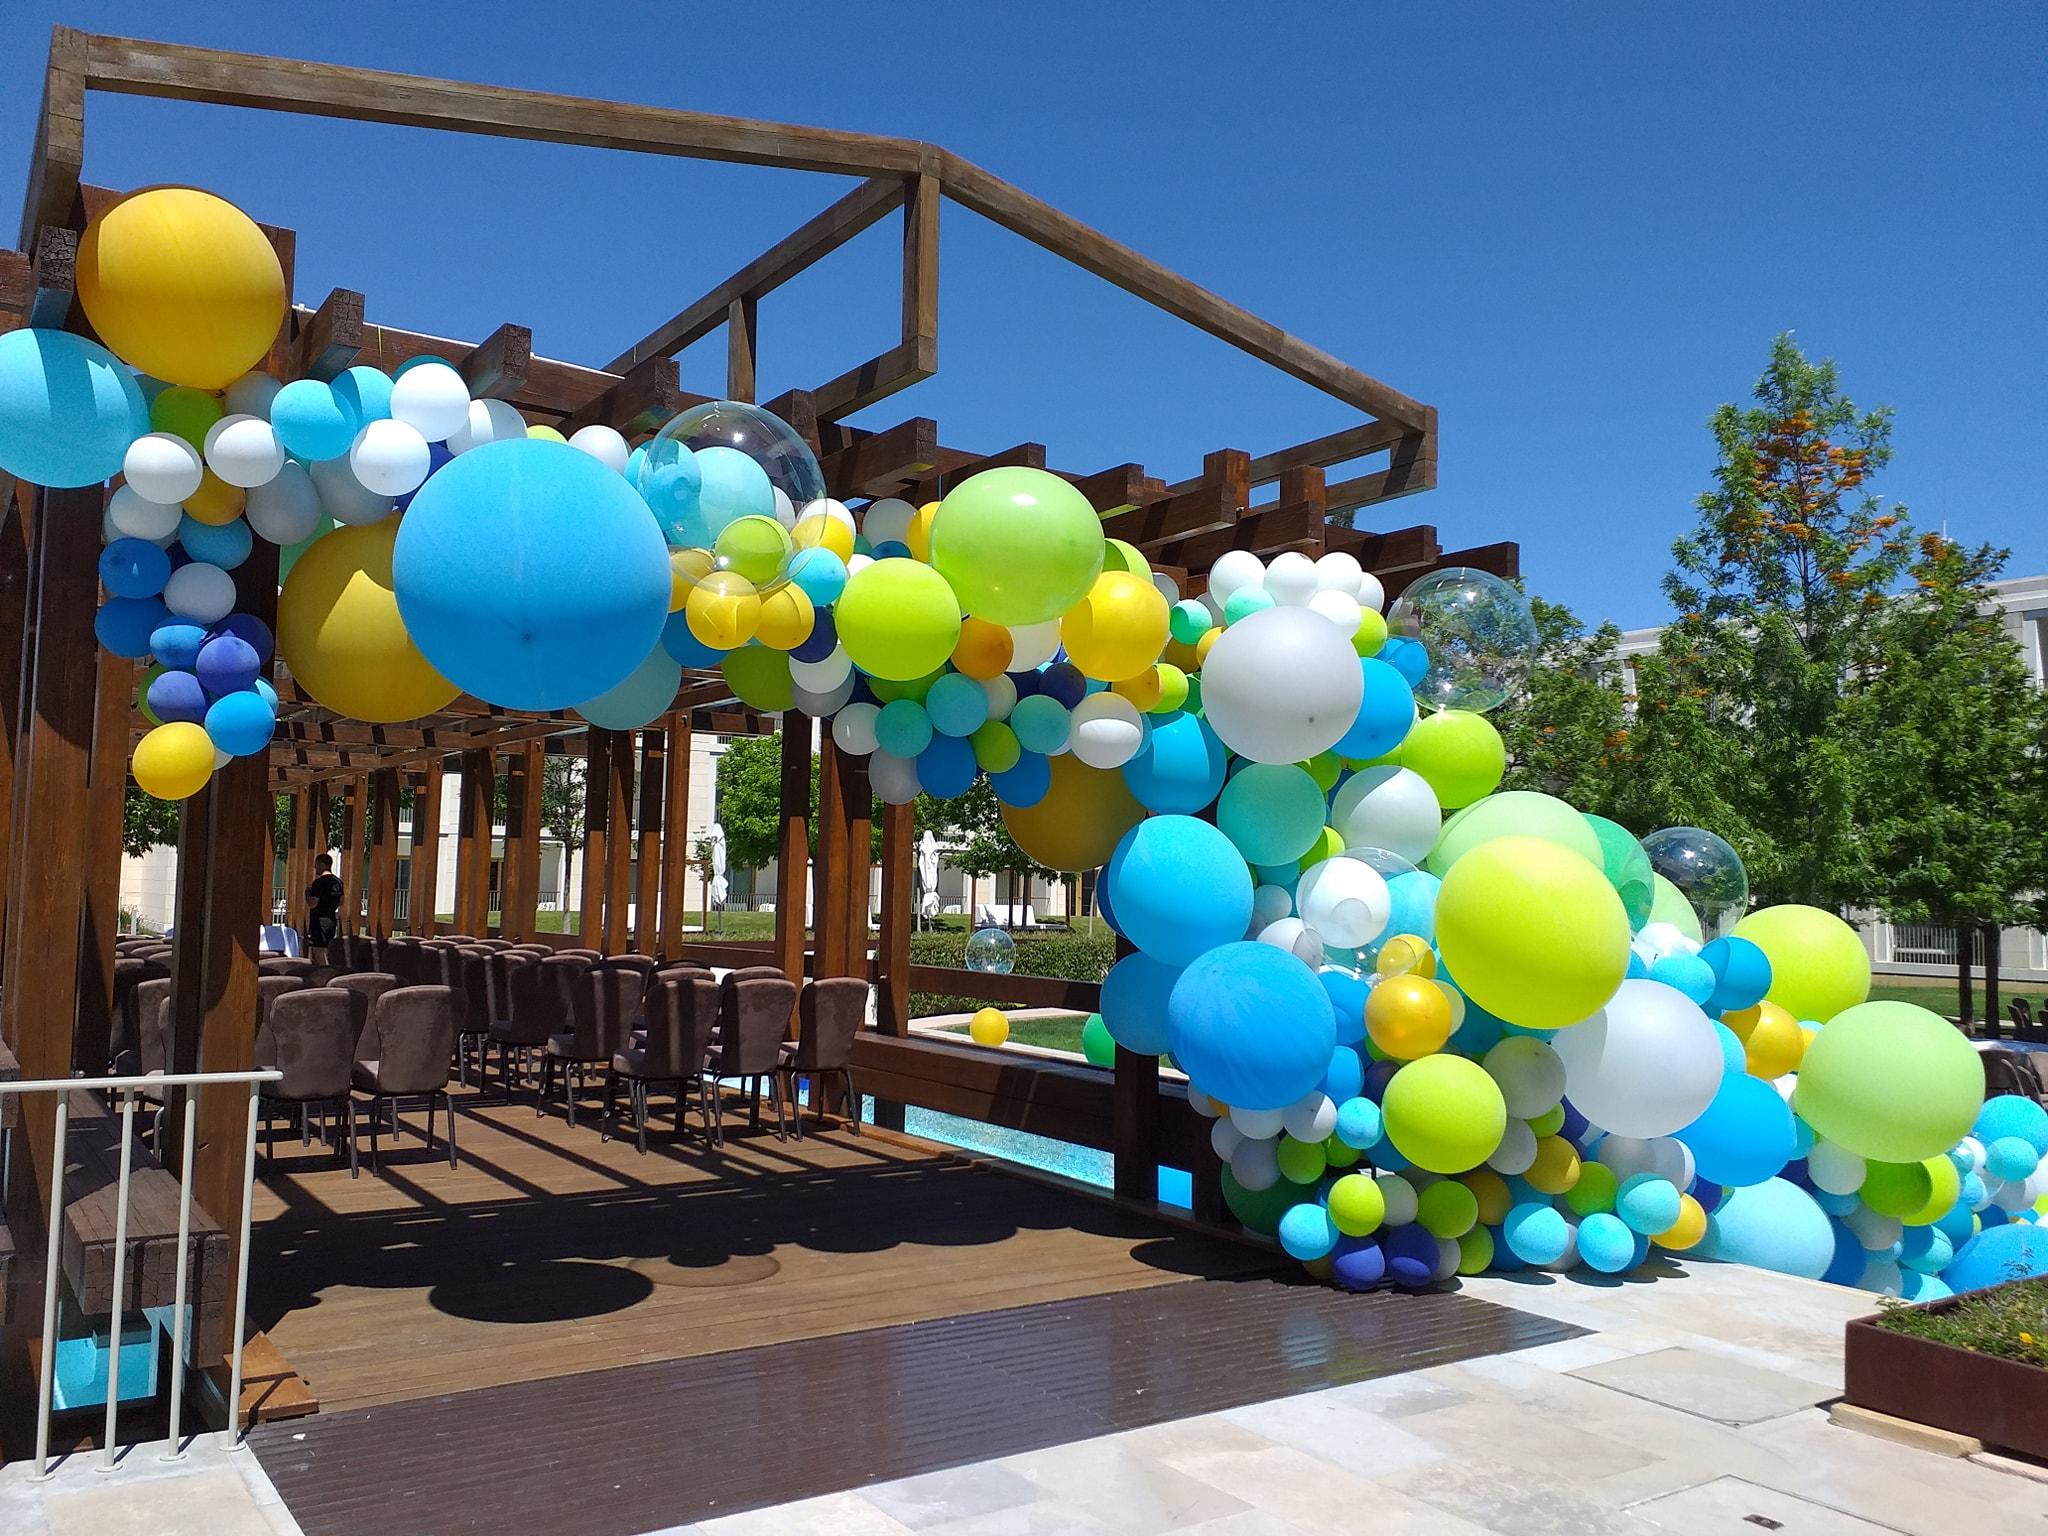 Super Arco de Balões | Oficina de Sonhos - Animação e Decoração de Eventos Algarve